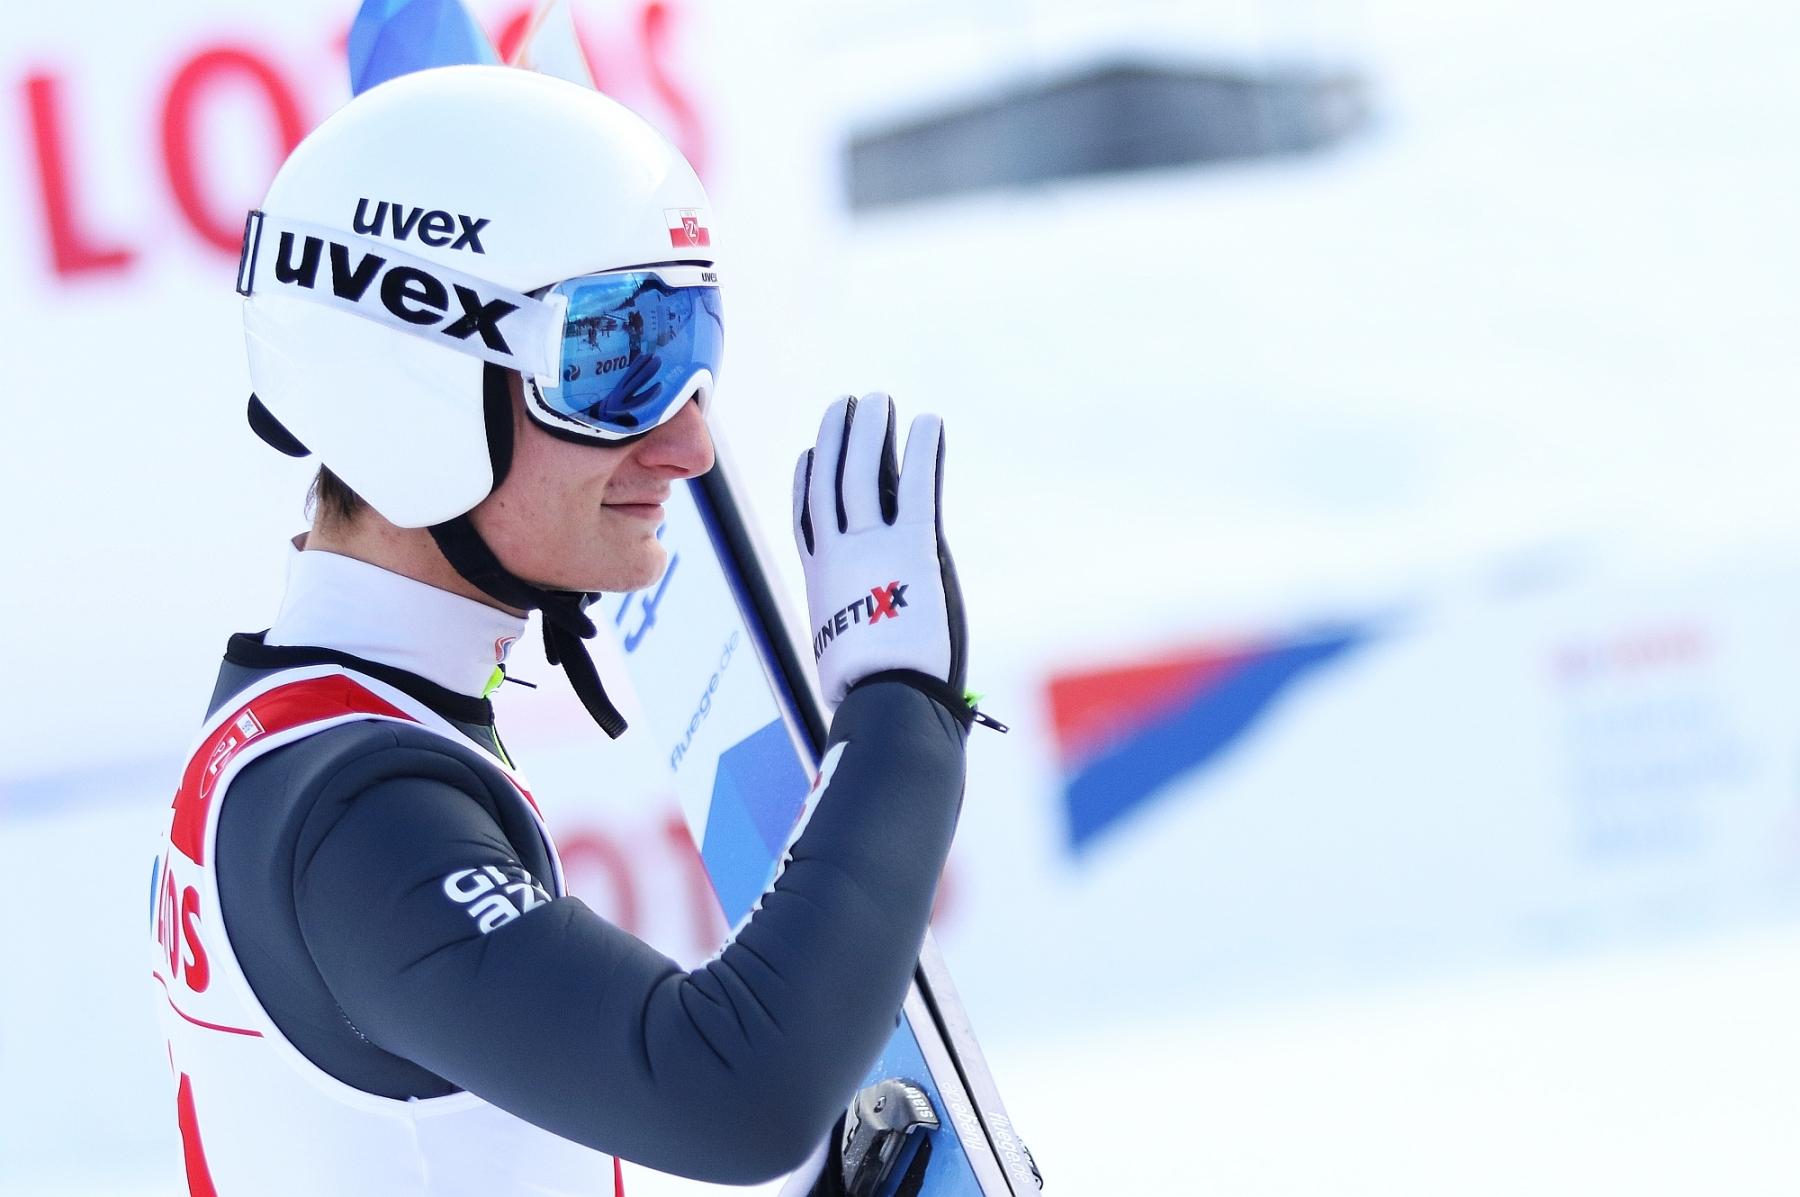 FIS Cup Zakopane 2021 1konkurs fotJuliaPiatkowska 28 - FIS Cup Szczyrk: 68 zawodników z 9 krajów na starcie. W tym gronie Freitag i Wellinger